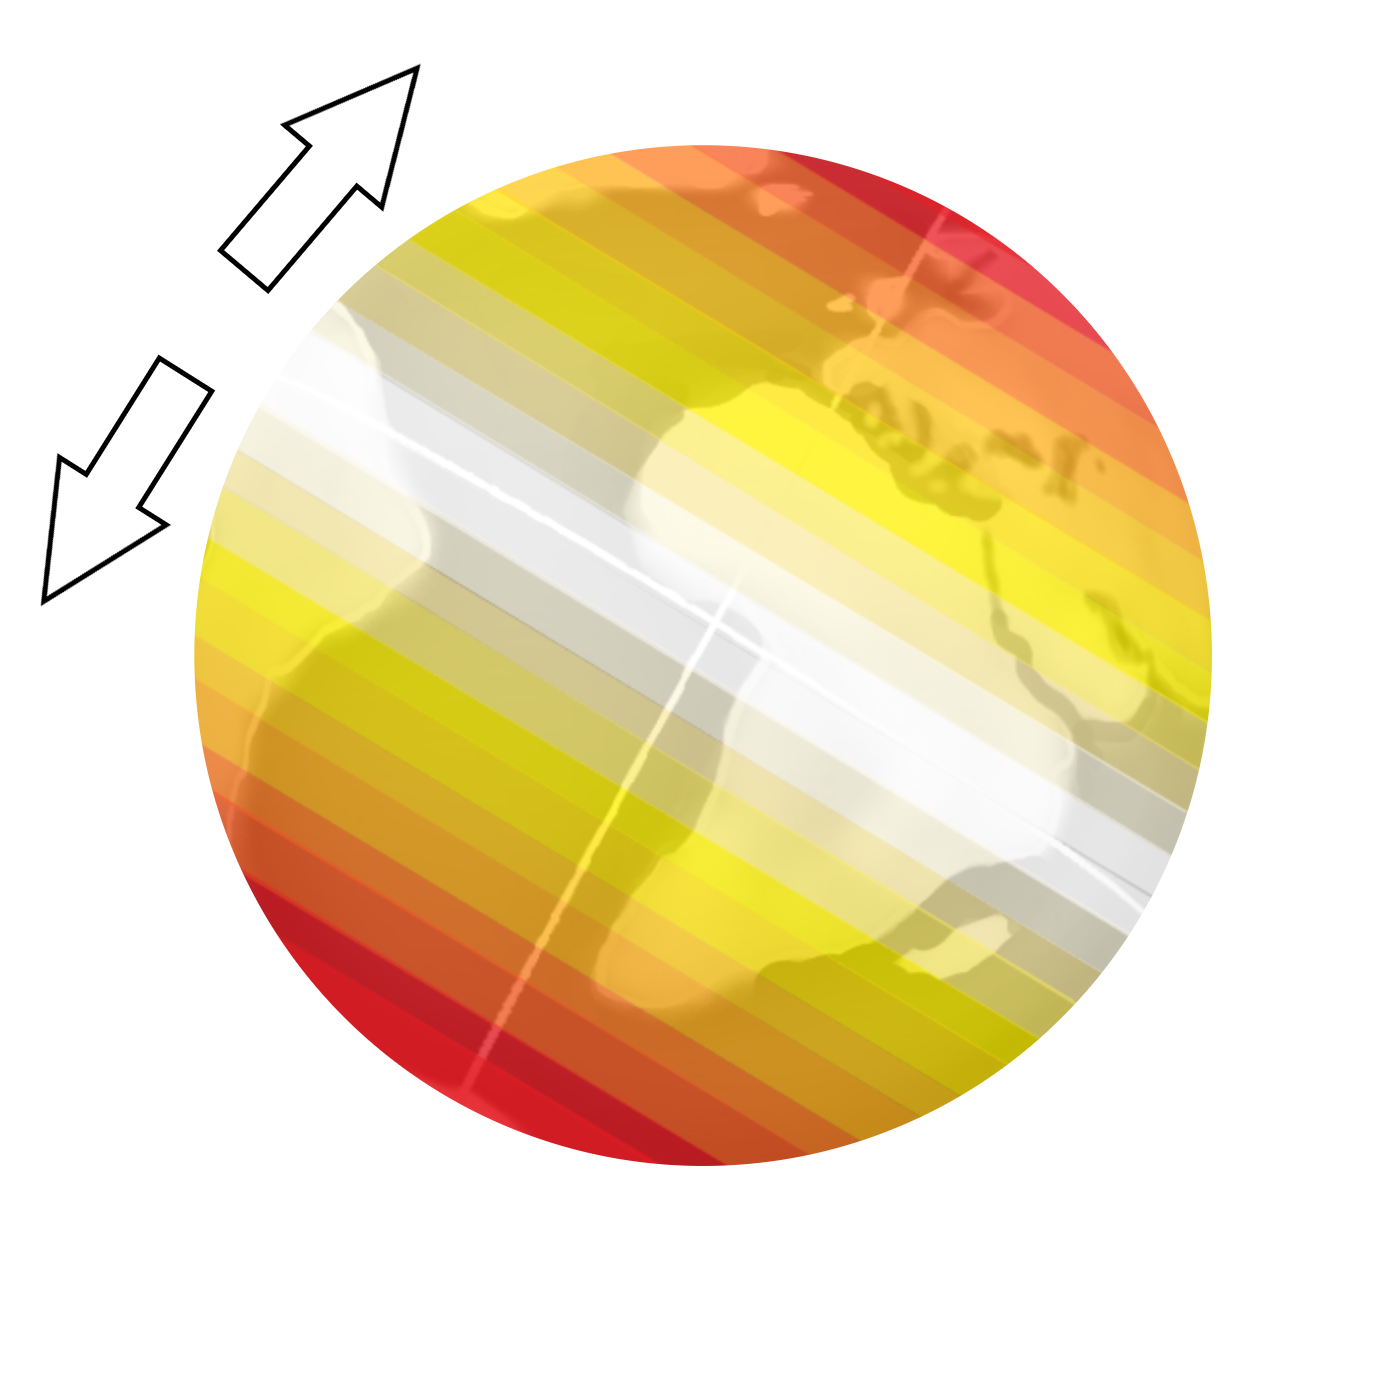 Veränderung der Stärke der Corioliskraft